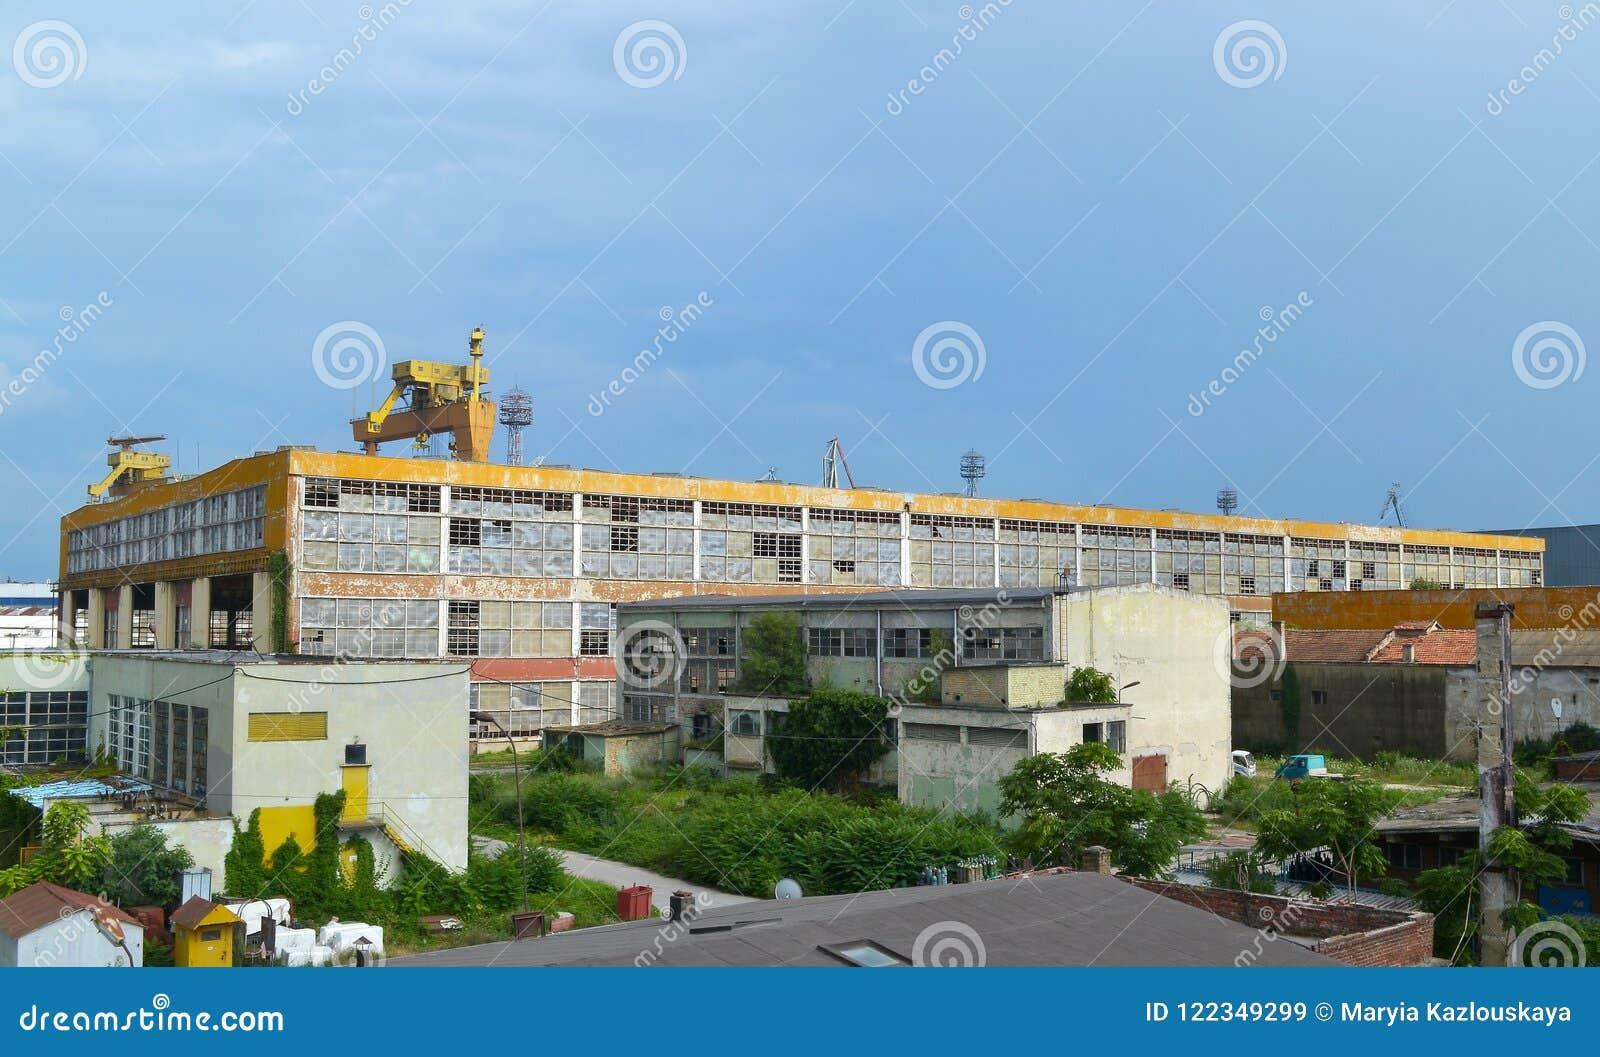 Paesaggio industriale di estate: il cielo blu e una grande costruzione gialla industriale abbandonata con le finestre rotte